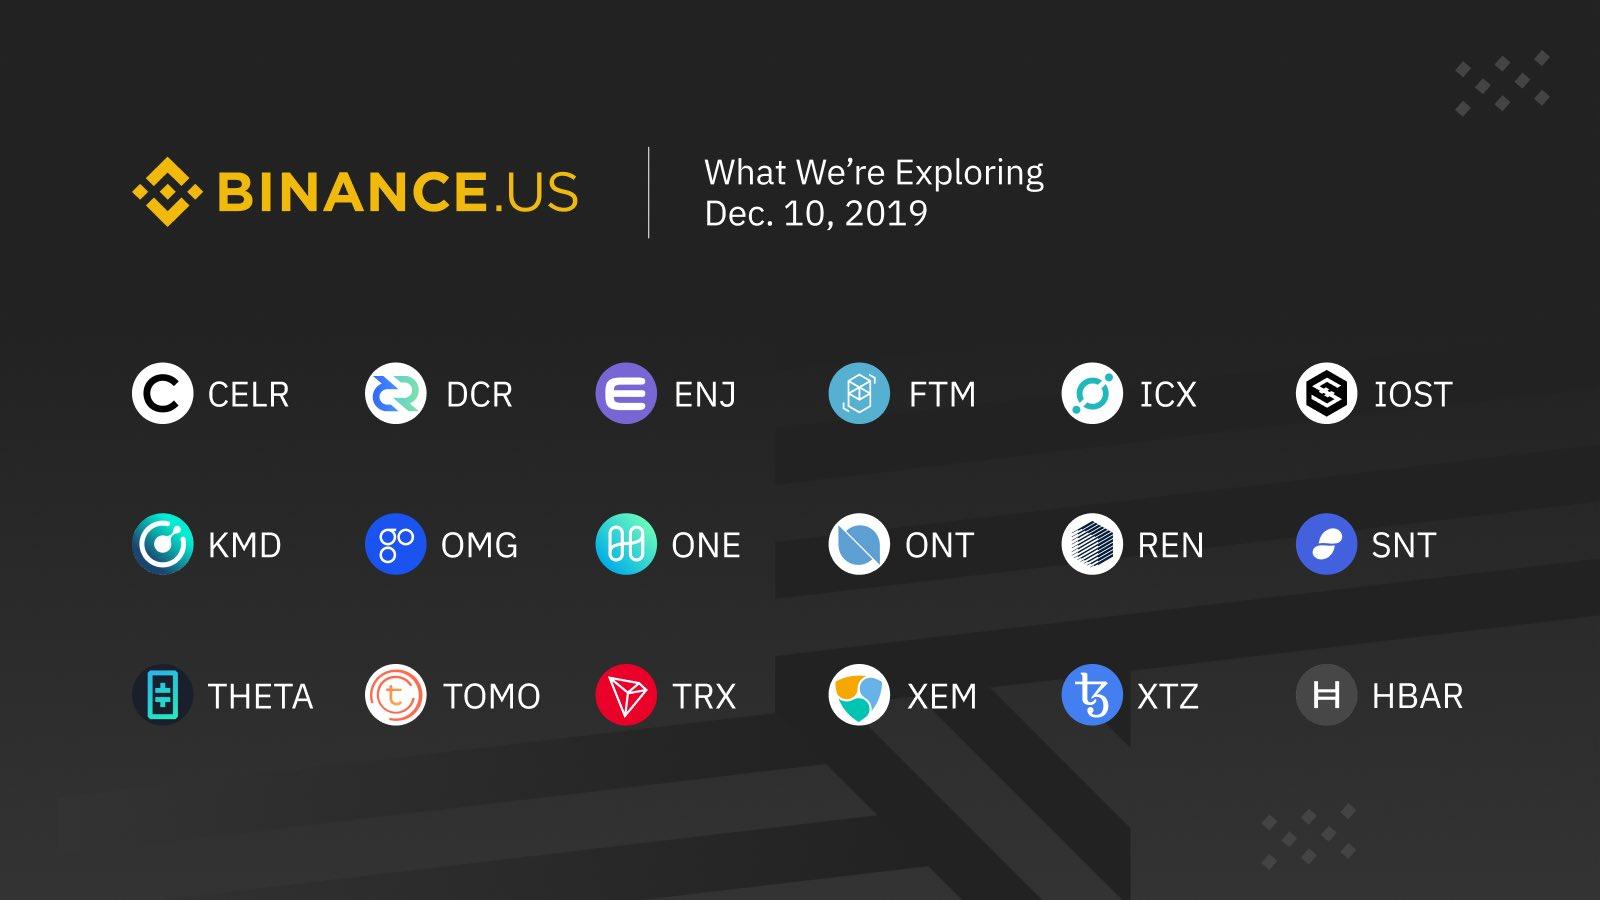 Binance US envisage de lister de nouvelles cryptomonnaies dont Tezos (XTZ), Ontology (ONT), TRON (TRX) ou Enjin (ENJ)